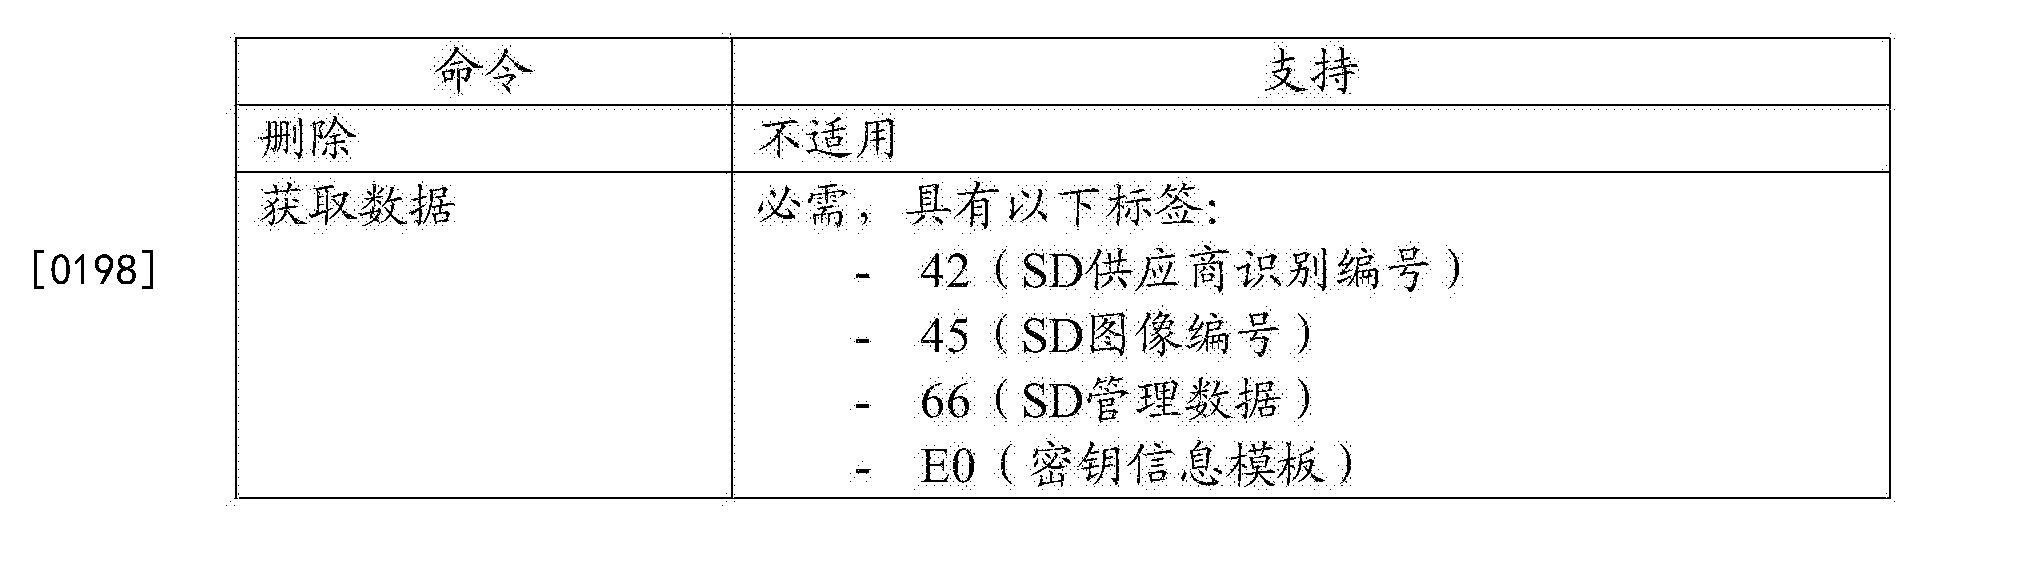 Figure CN104025507BD00253